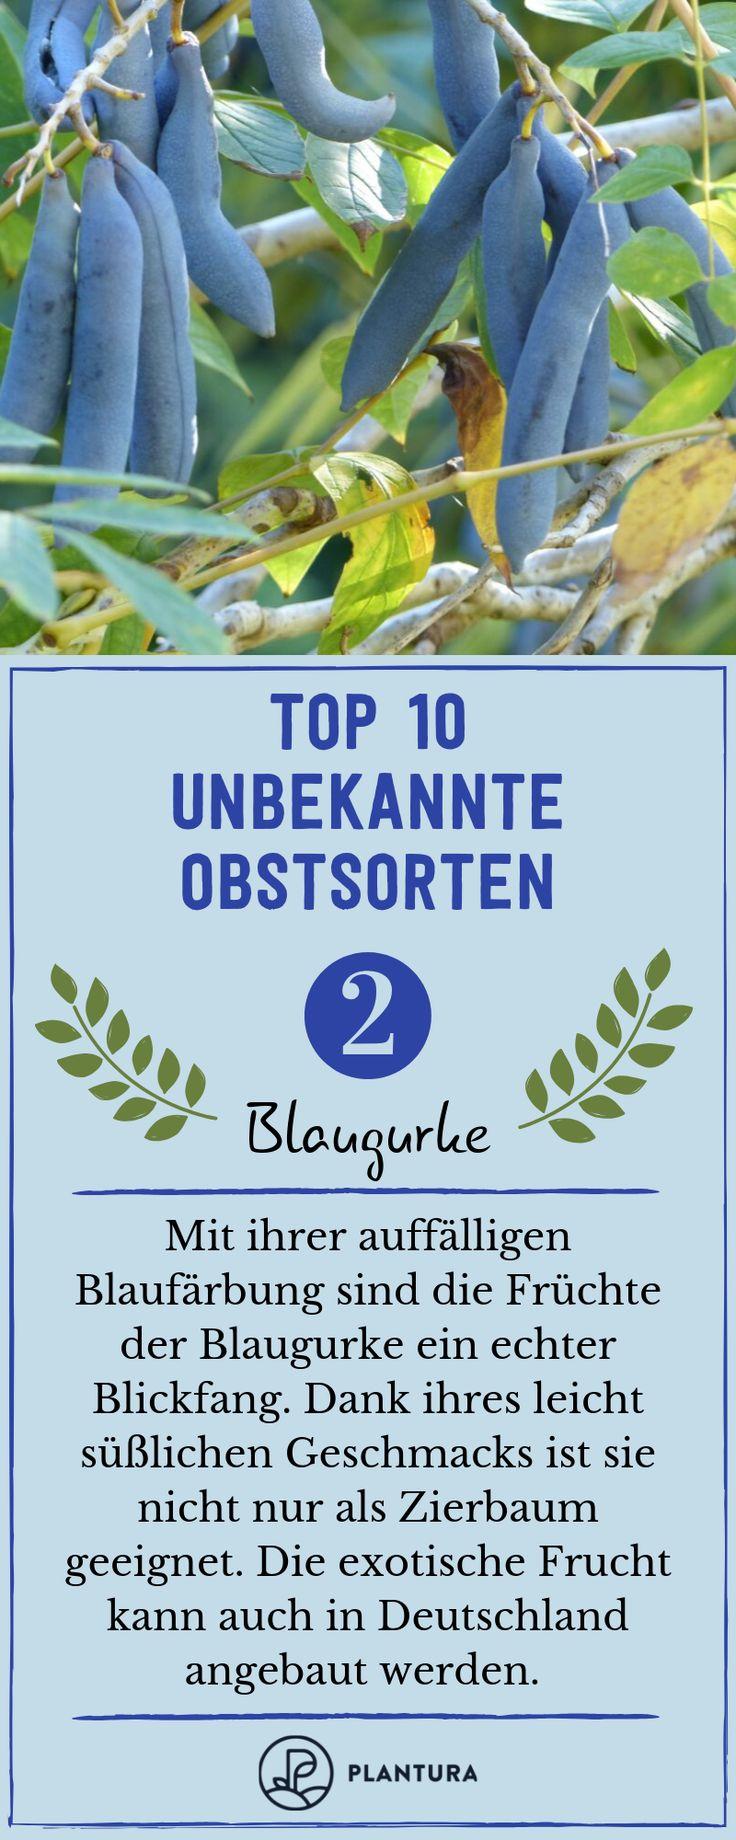 Unbekannte Obstsorten: 10 ungewöhnliche & exotische Sorten